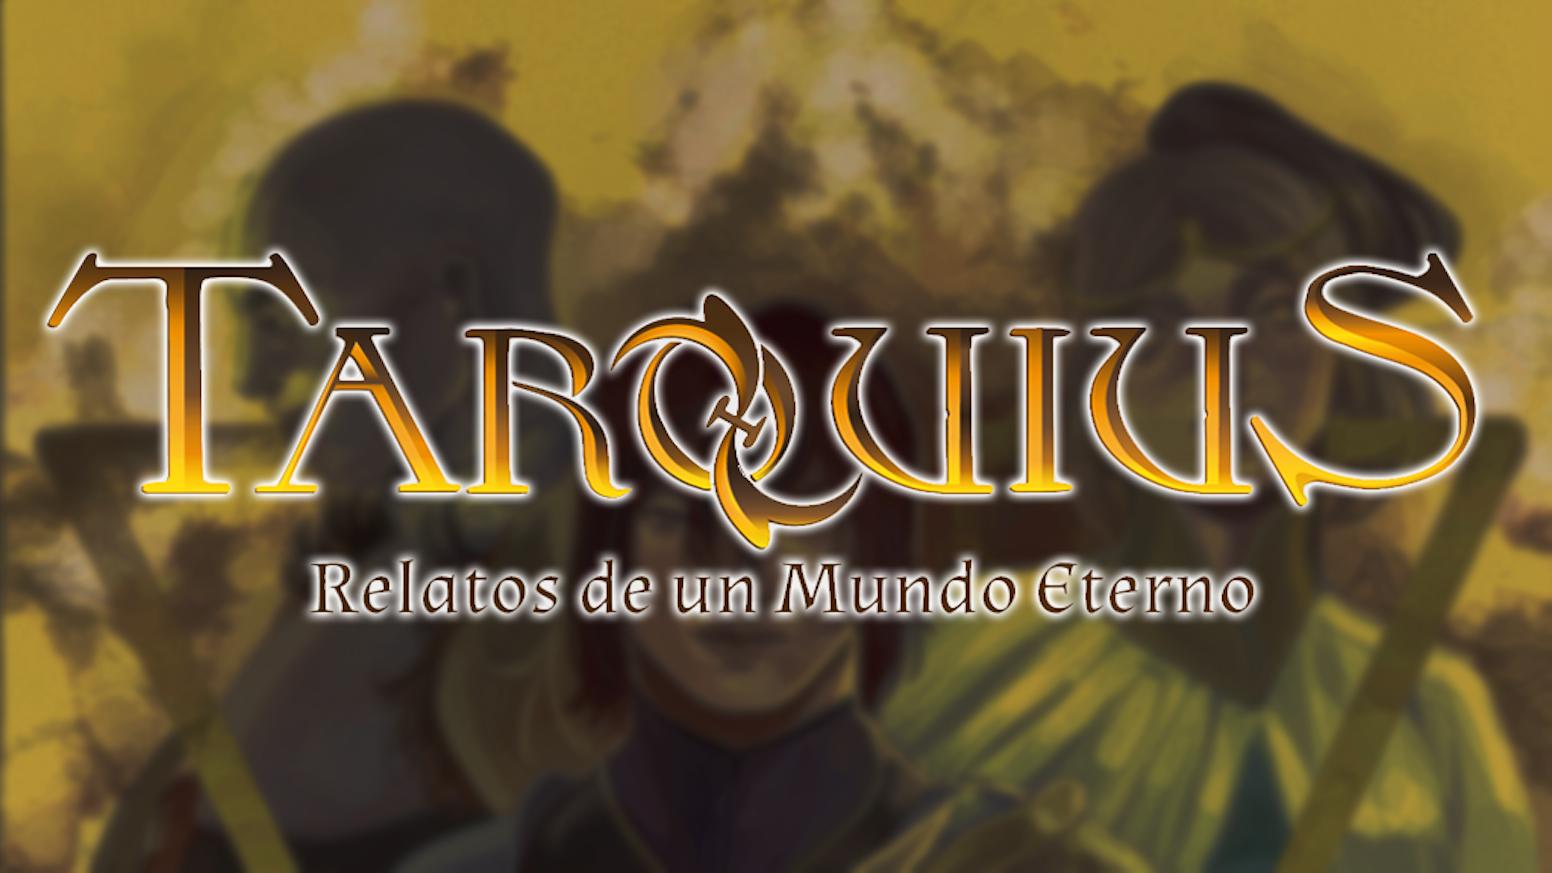 Tarquius: Relatos de un mundo eterno